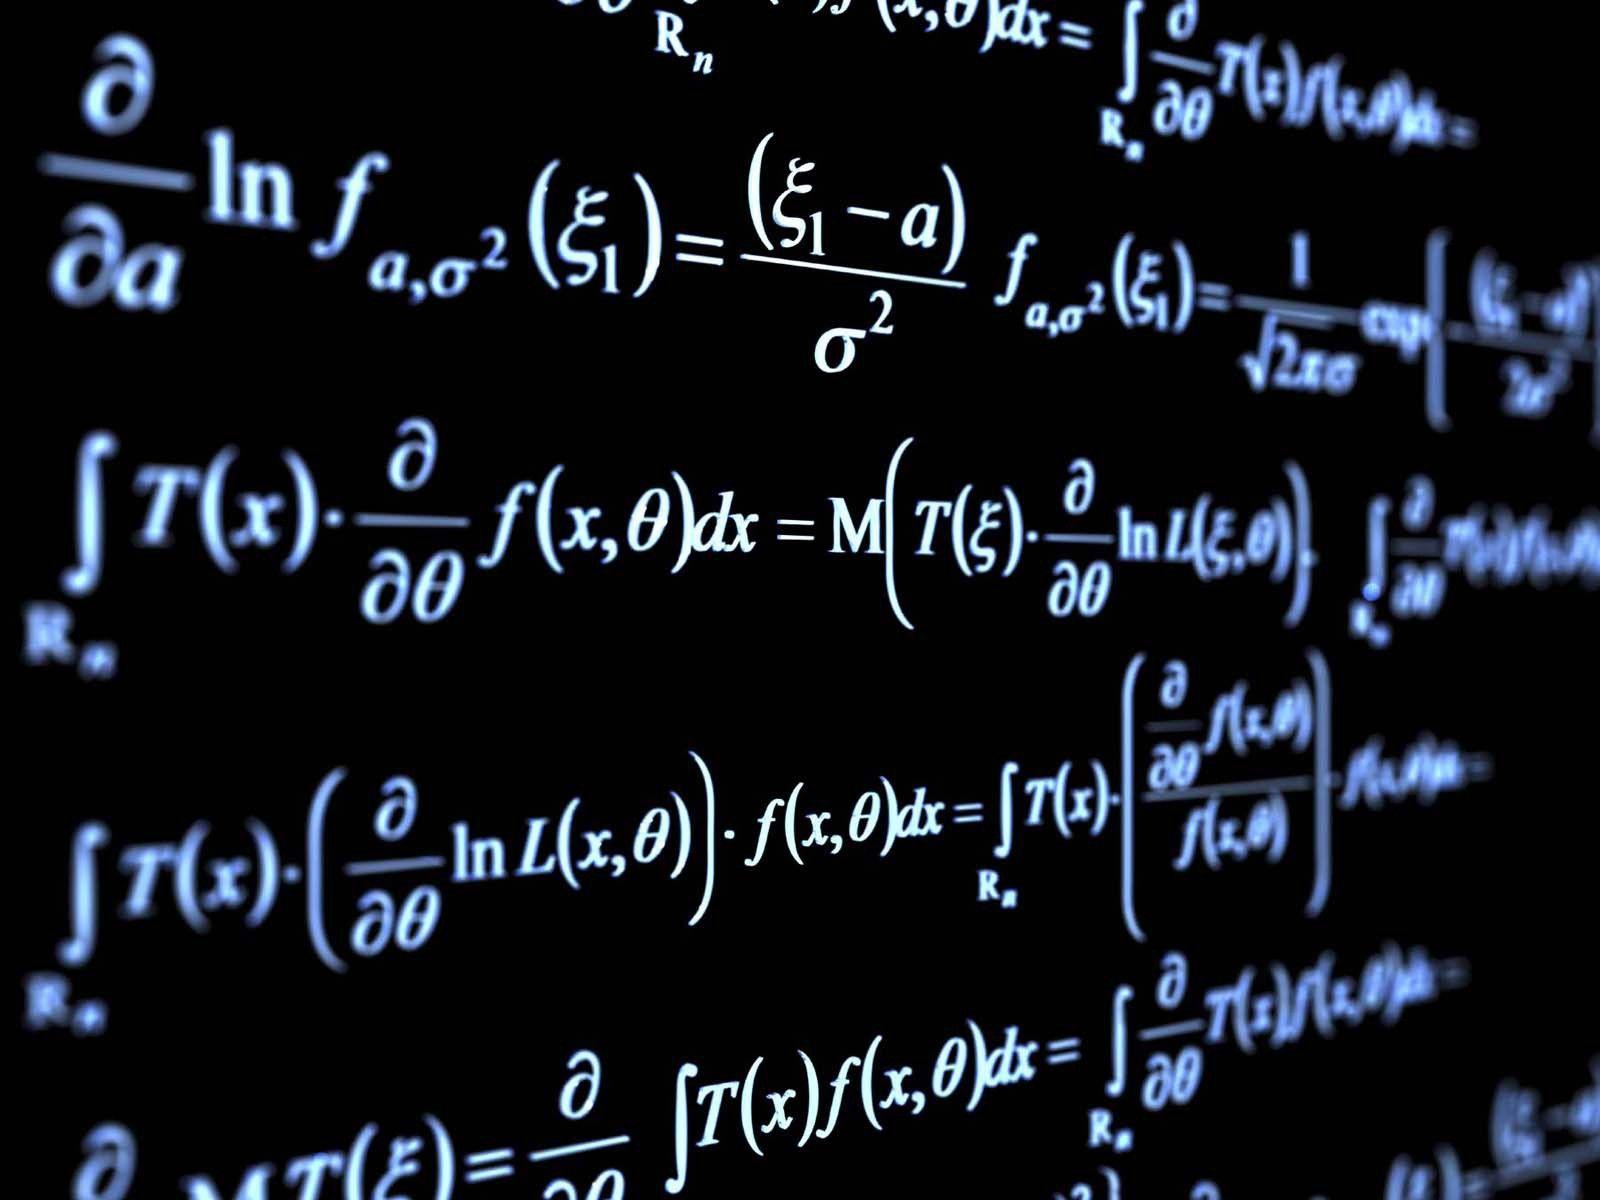 Depuis quelques années des chercheurs en physique quantique ont entrepris de sonder les mystères de la conscience humaine